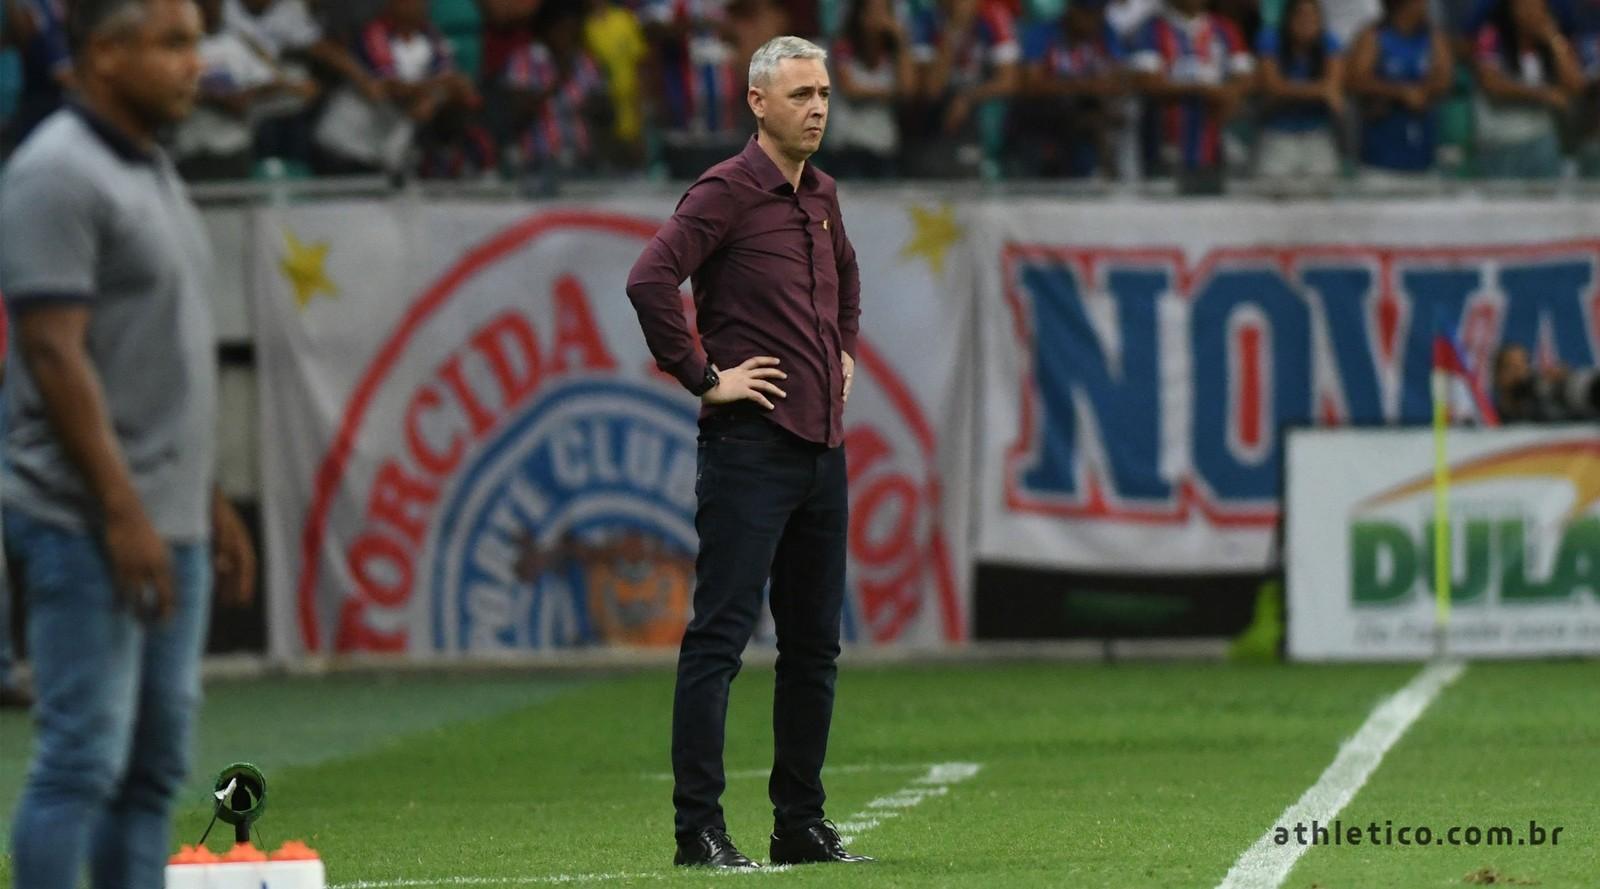 Dez coisas que você (talvez) não saiba sobre Tiago Nunes, técnico do Corinthians